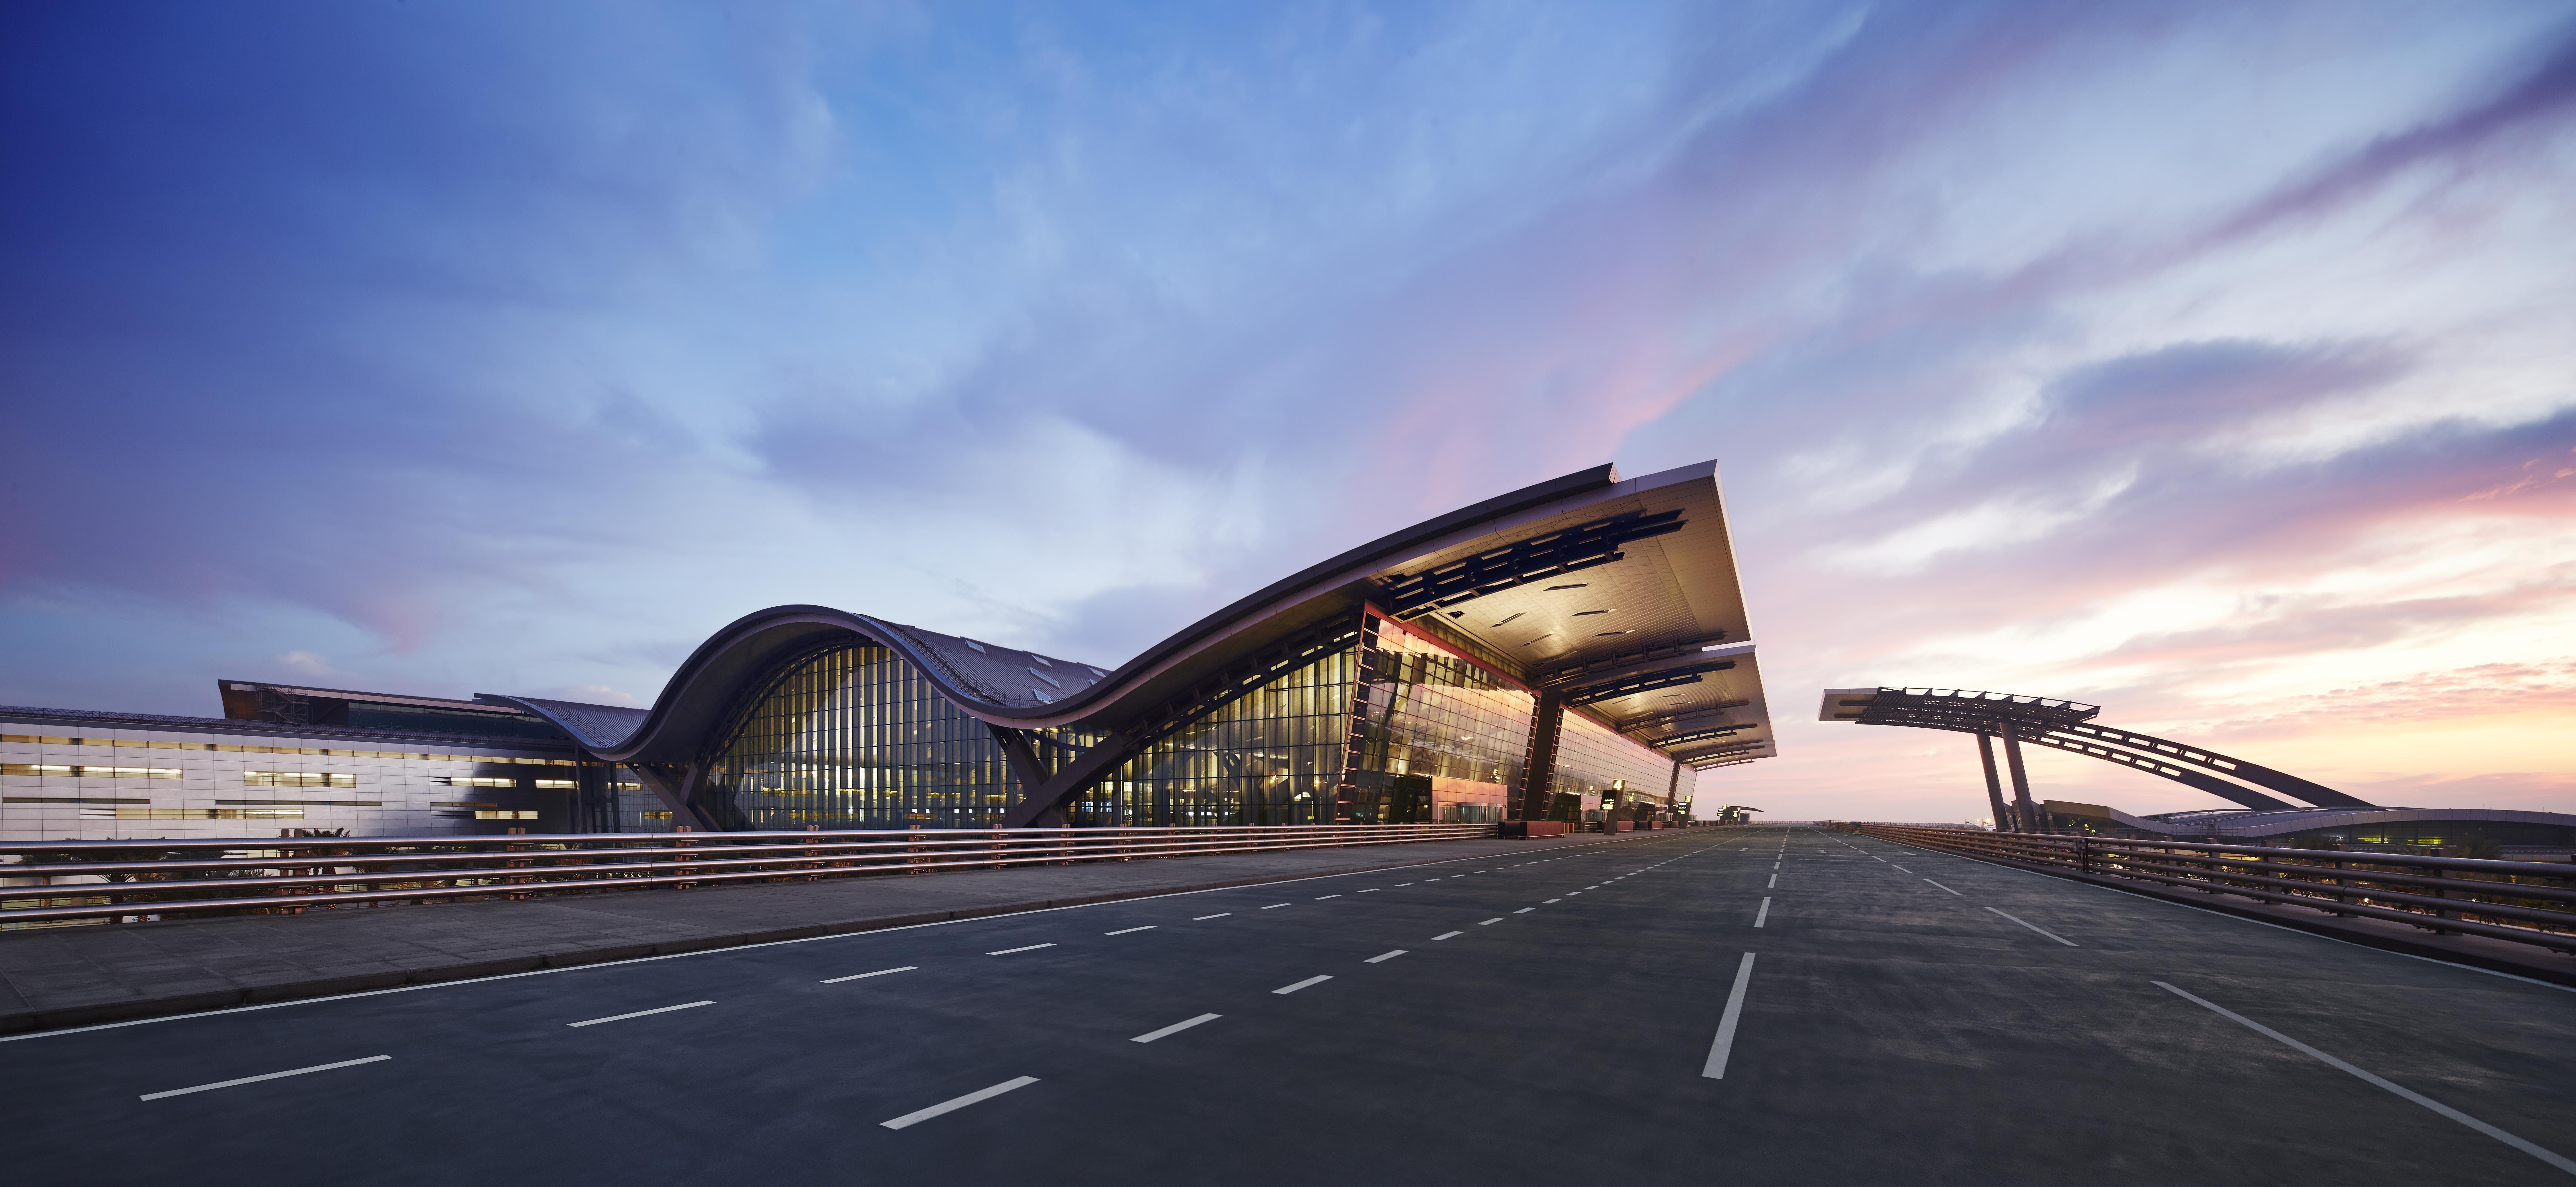 El aeropuerto de Madrid entre los 5 más cuquis del mundo 8